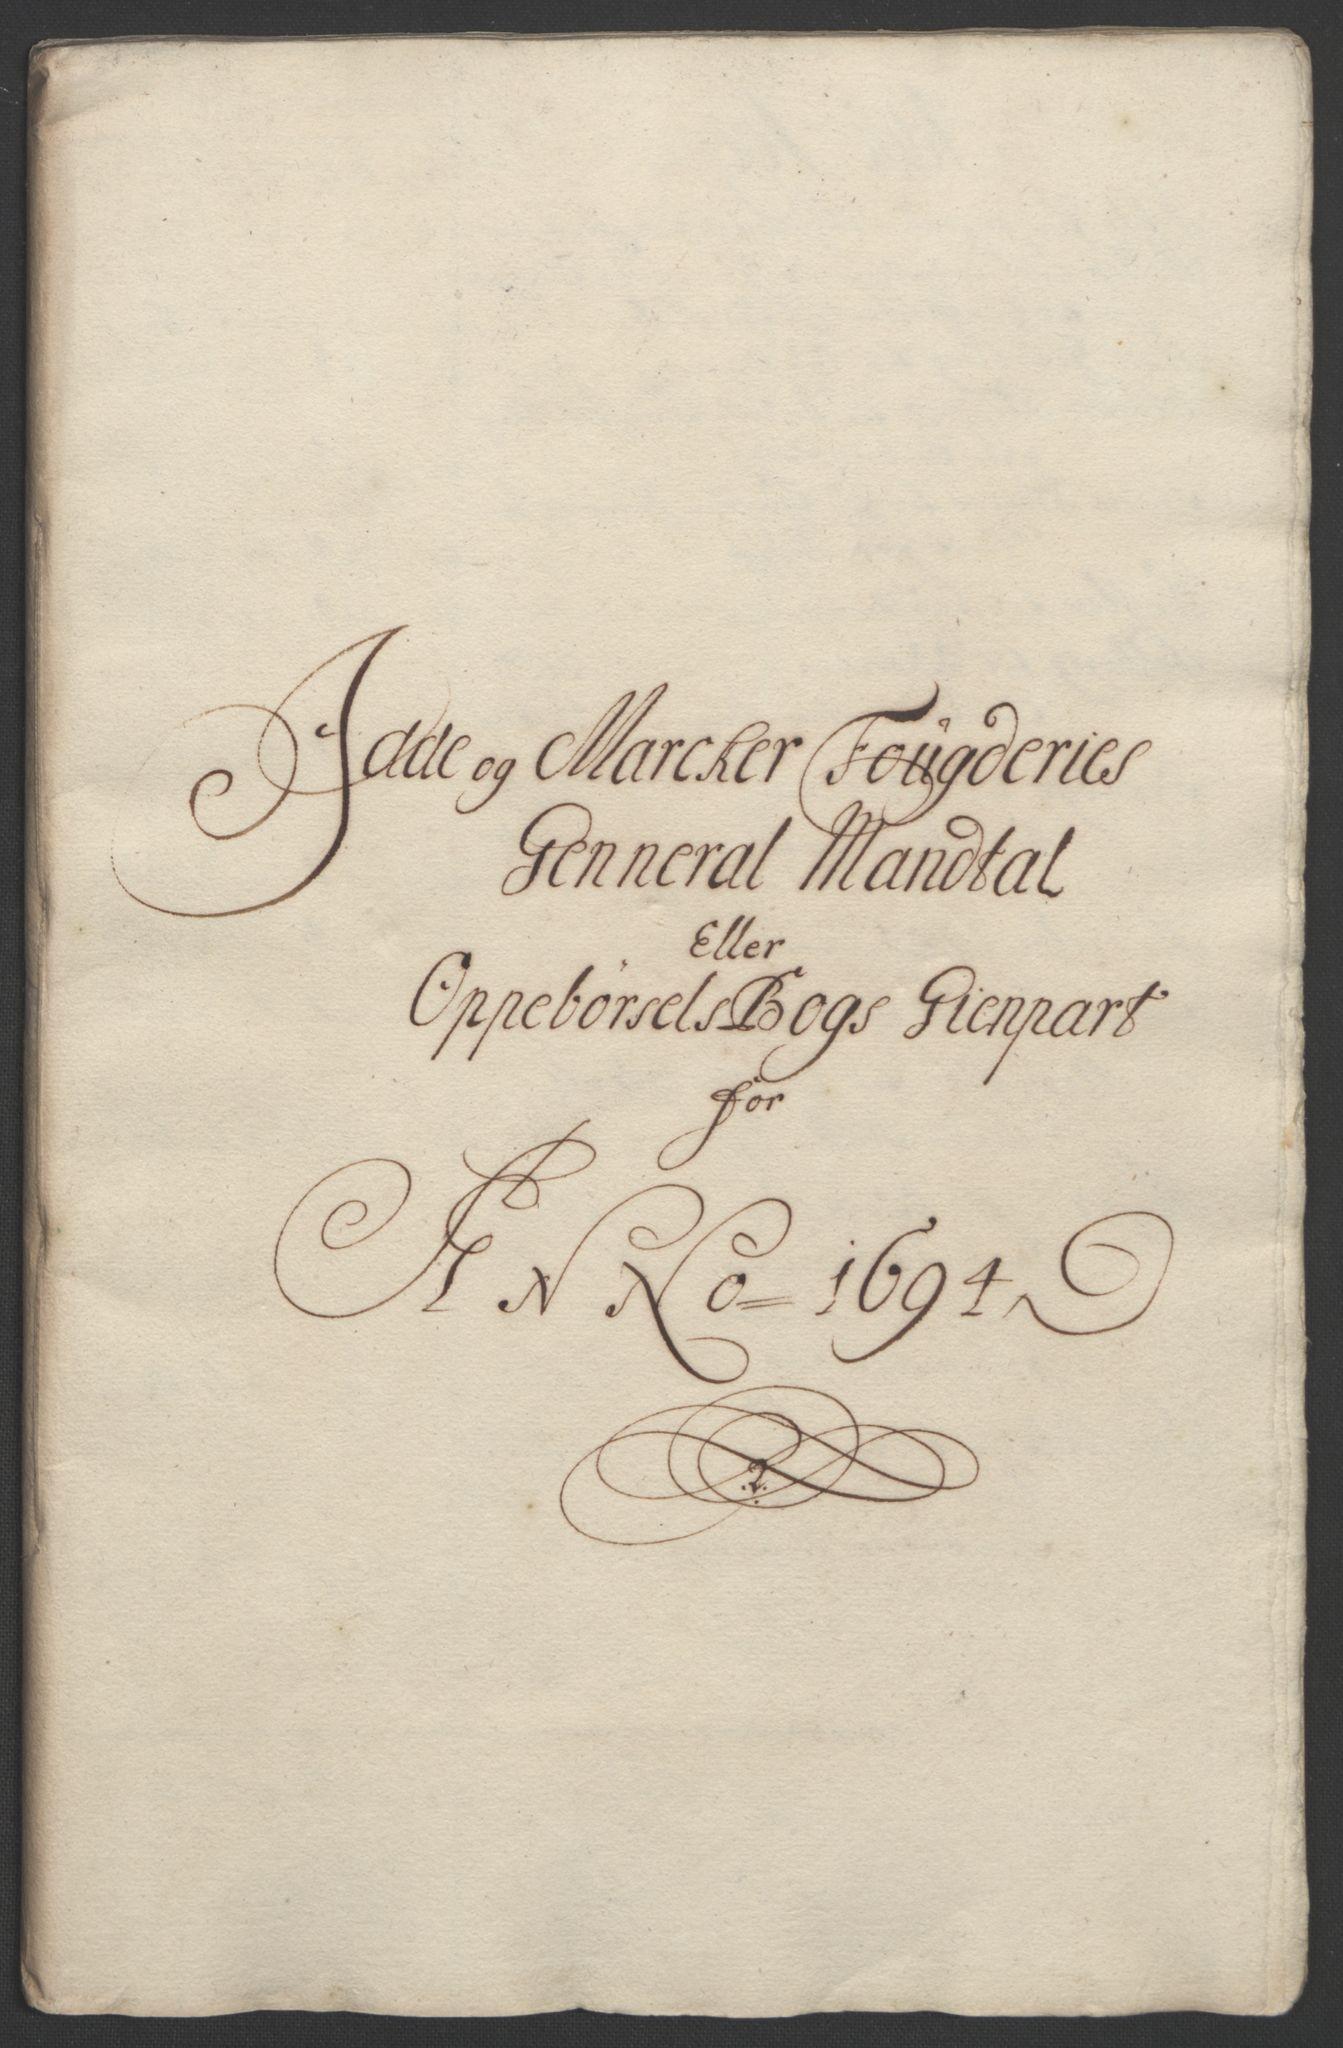 RA, Rentekammeret inntil 1814, Reviderte regnskaper, Fogderegnskap, R01/L0012: Fogderegnskap Idd og Marker, 1694-1695, s. 60